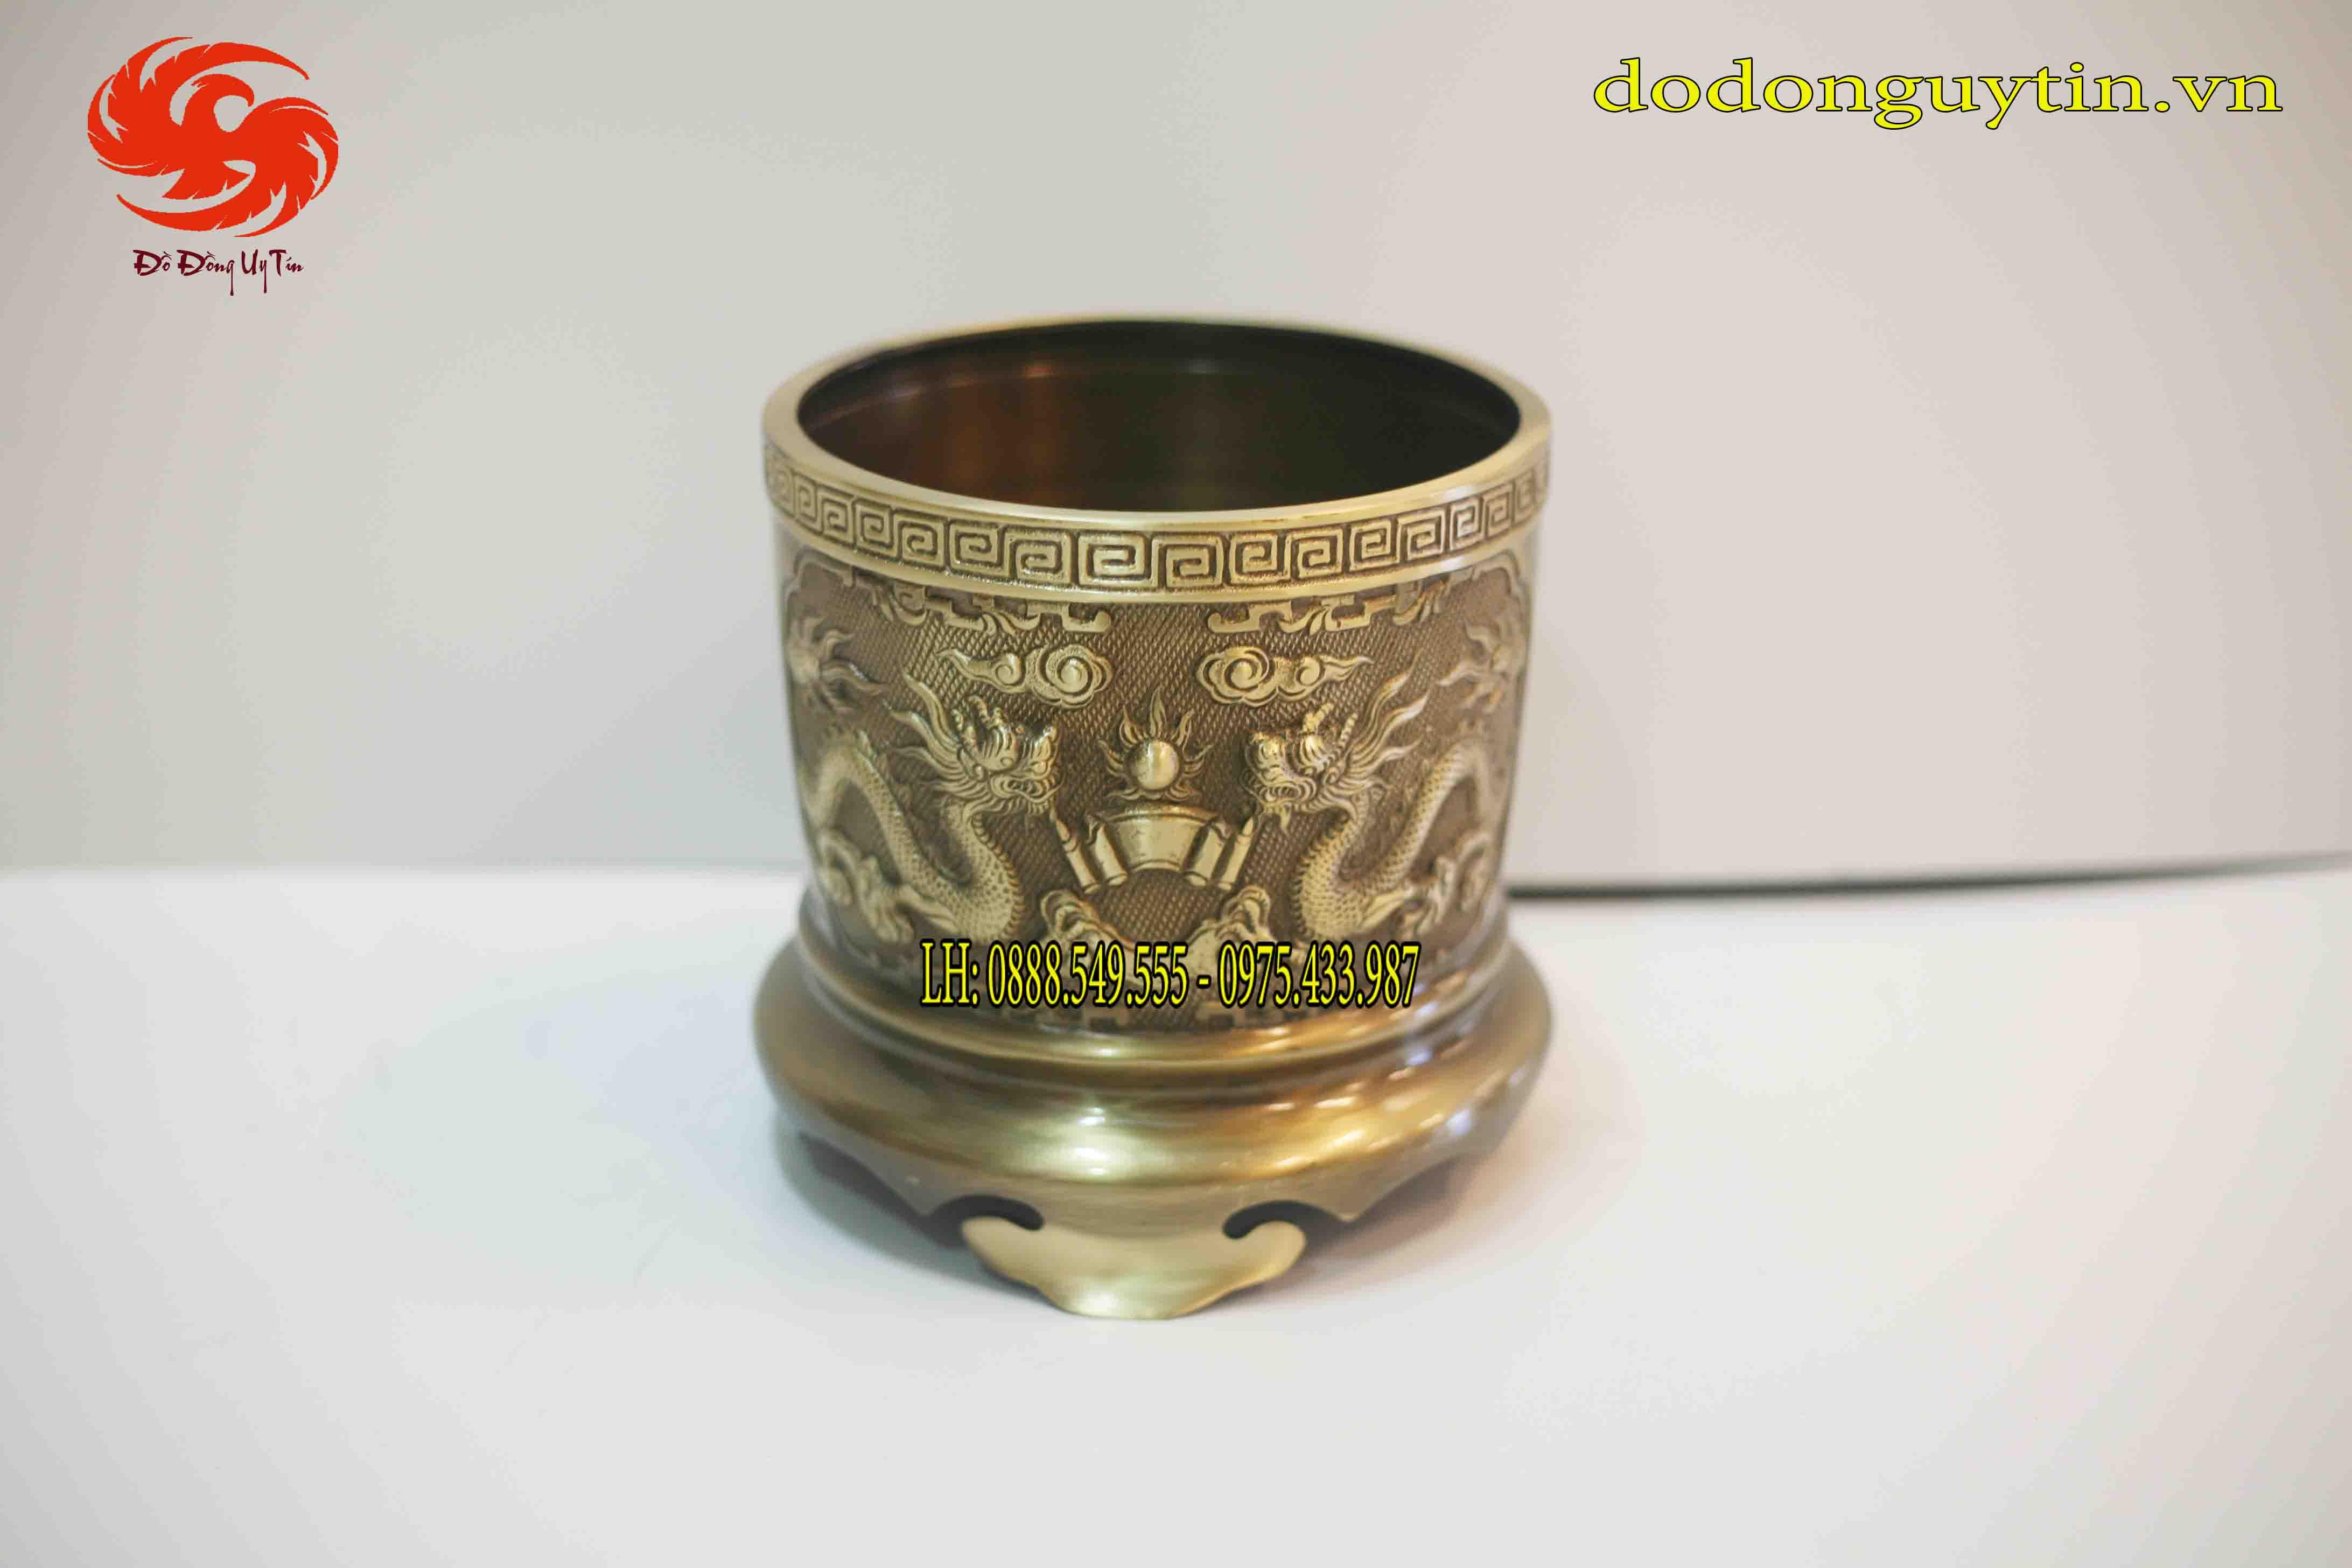 Bát hương đồng hun xanh họa tiết rồng phượng cao 20 cm